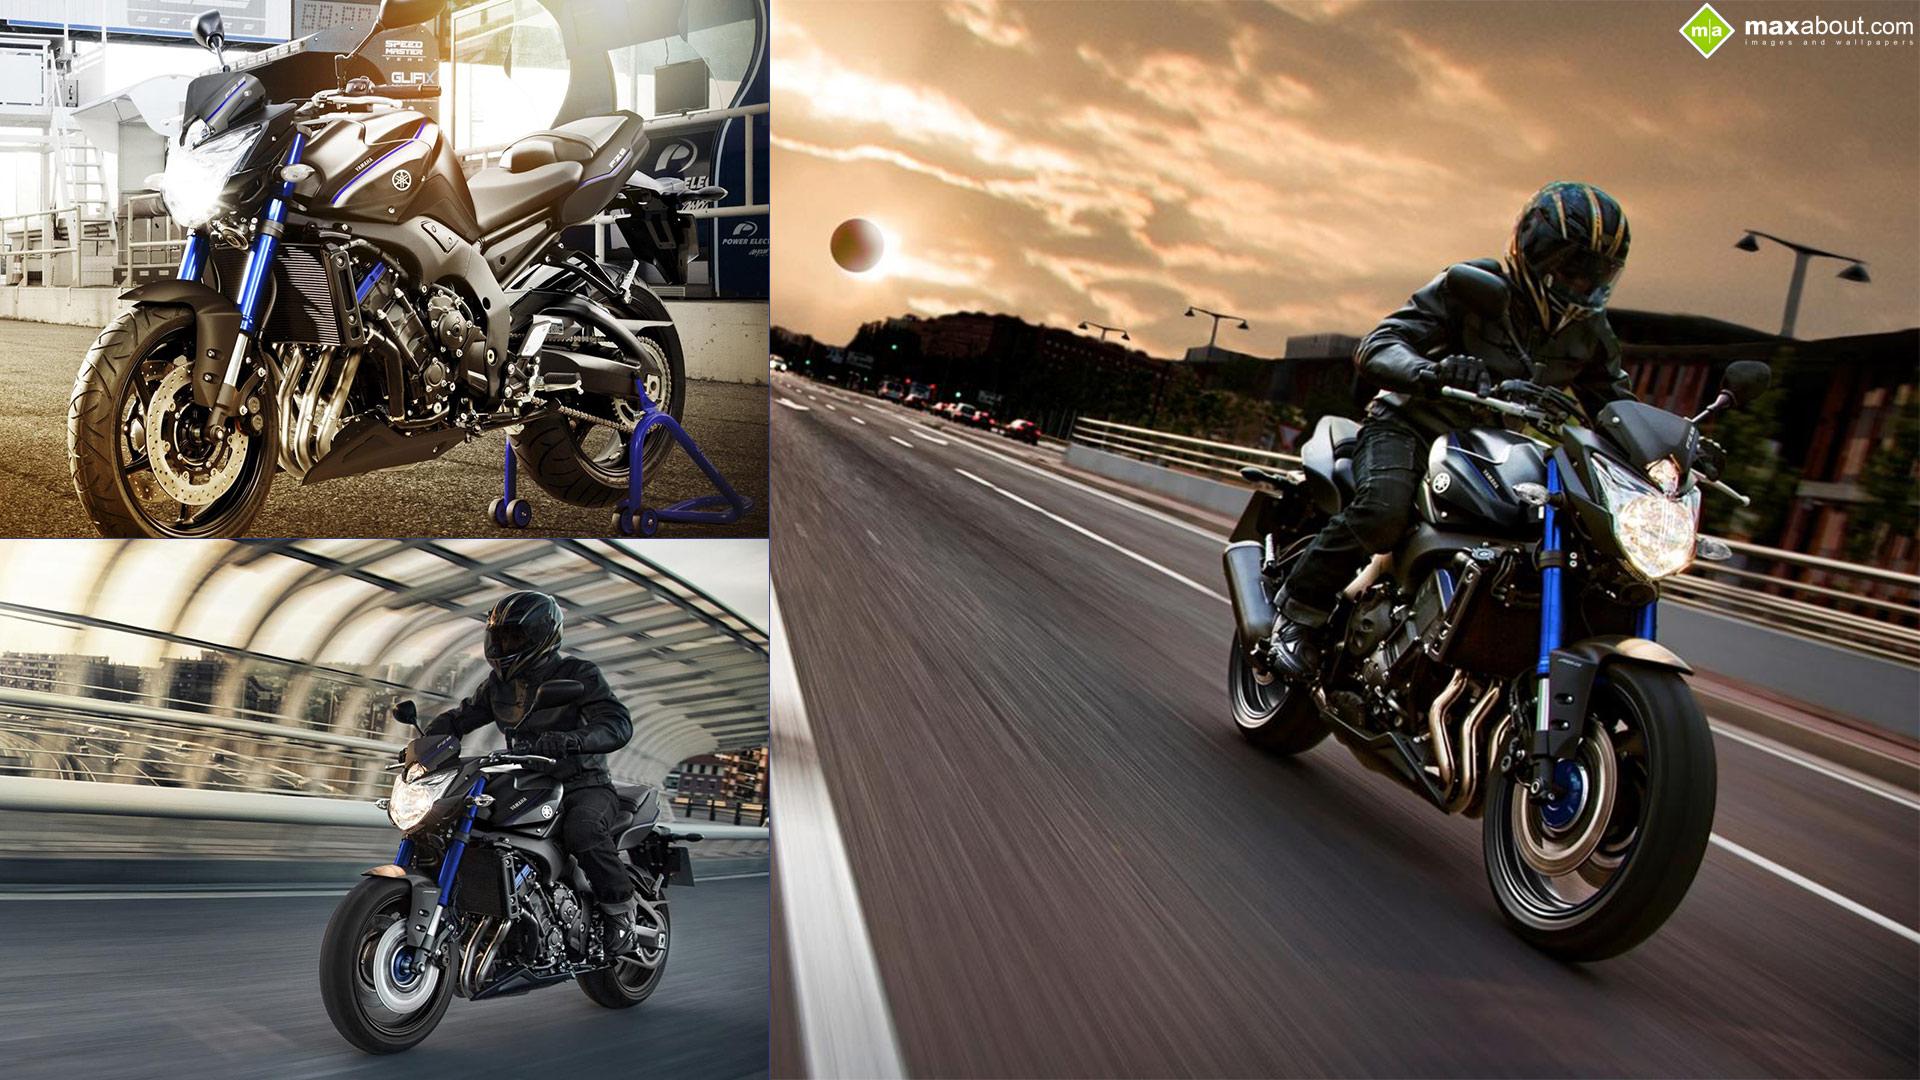 2014 Yamaha FZ8 1920x1080